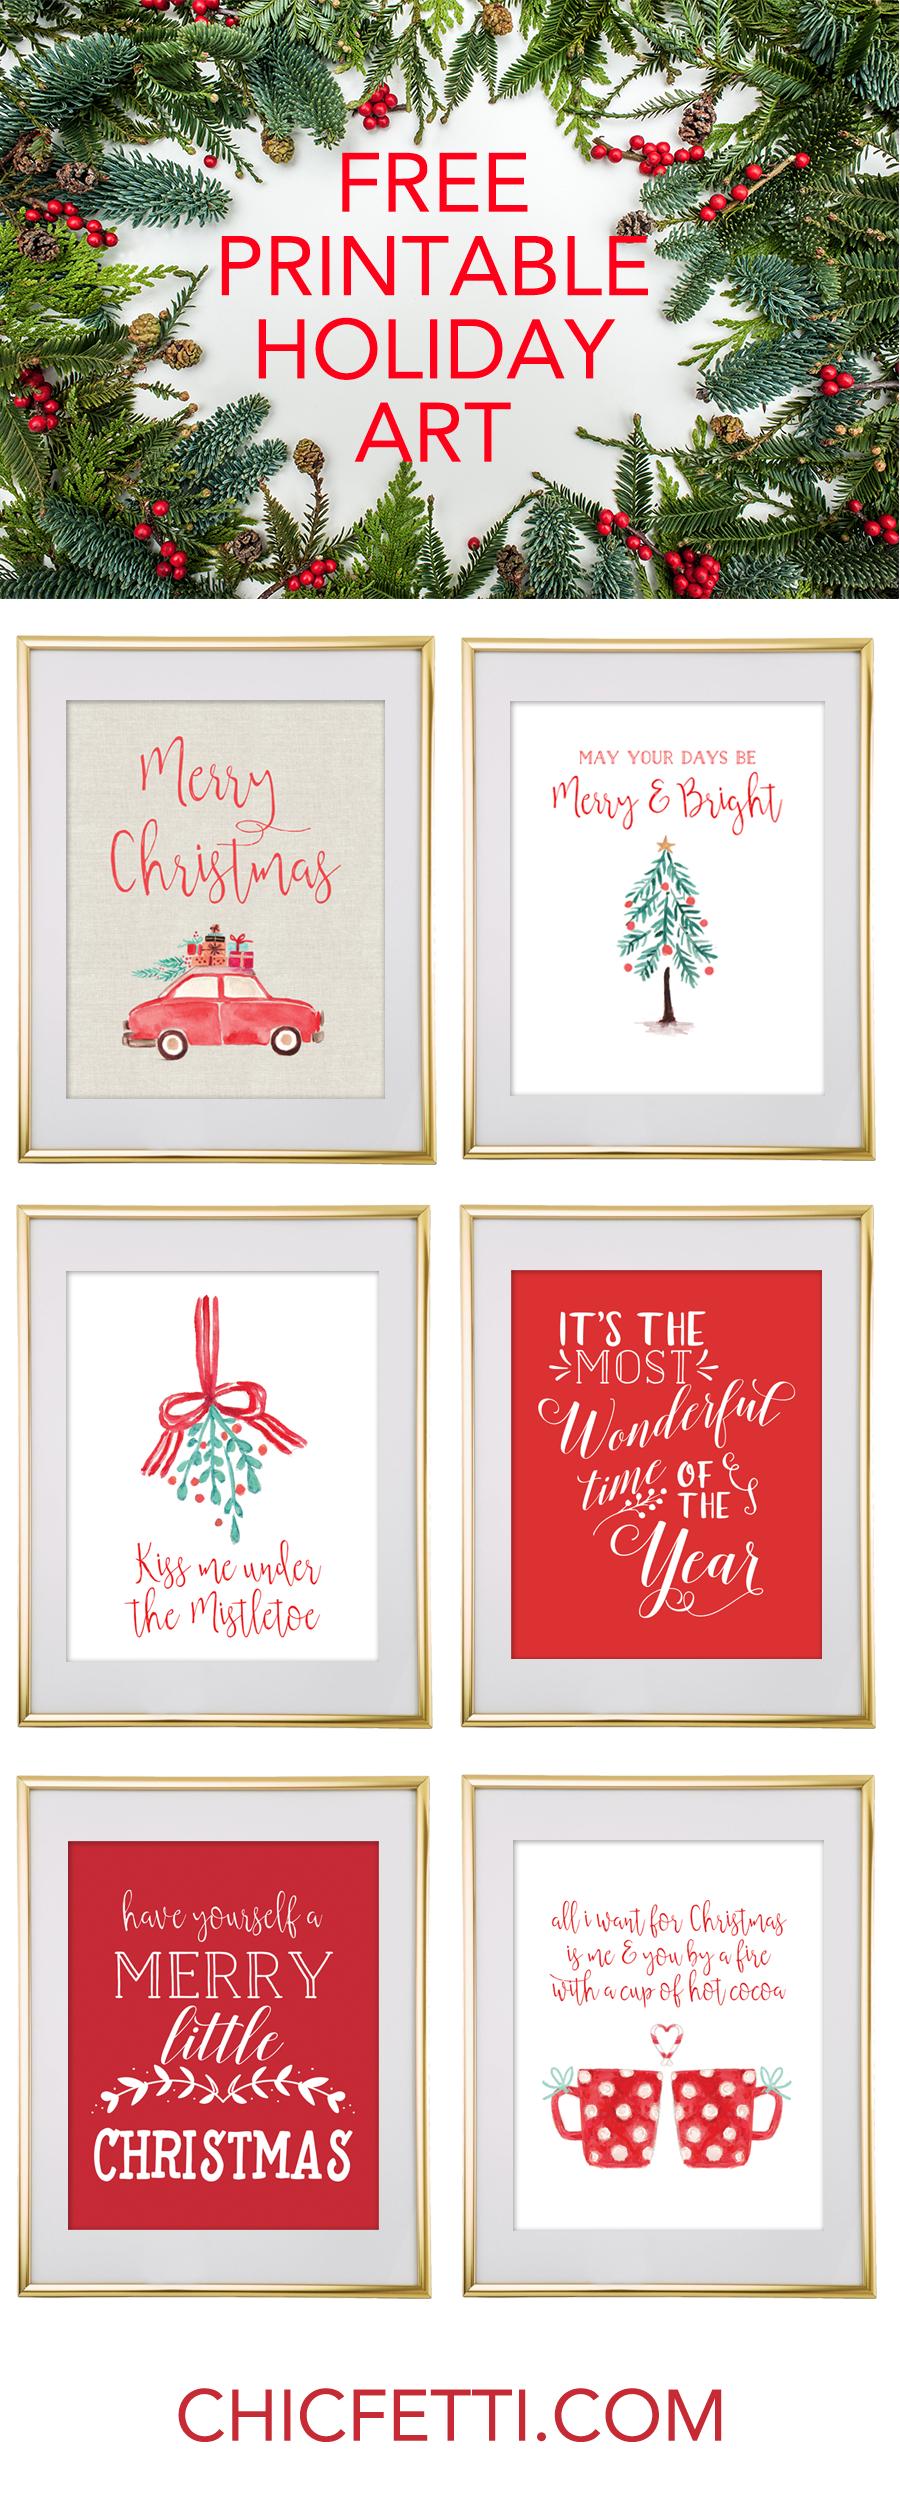 Christmas Free Printable Wall Art | Free Printables - Free Printable - Free Christmas Printables